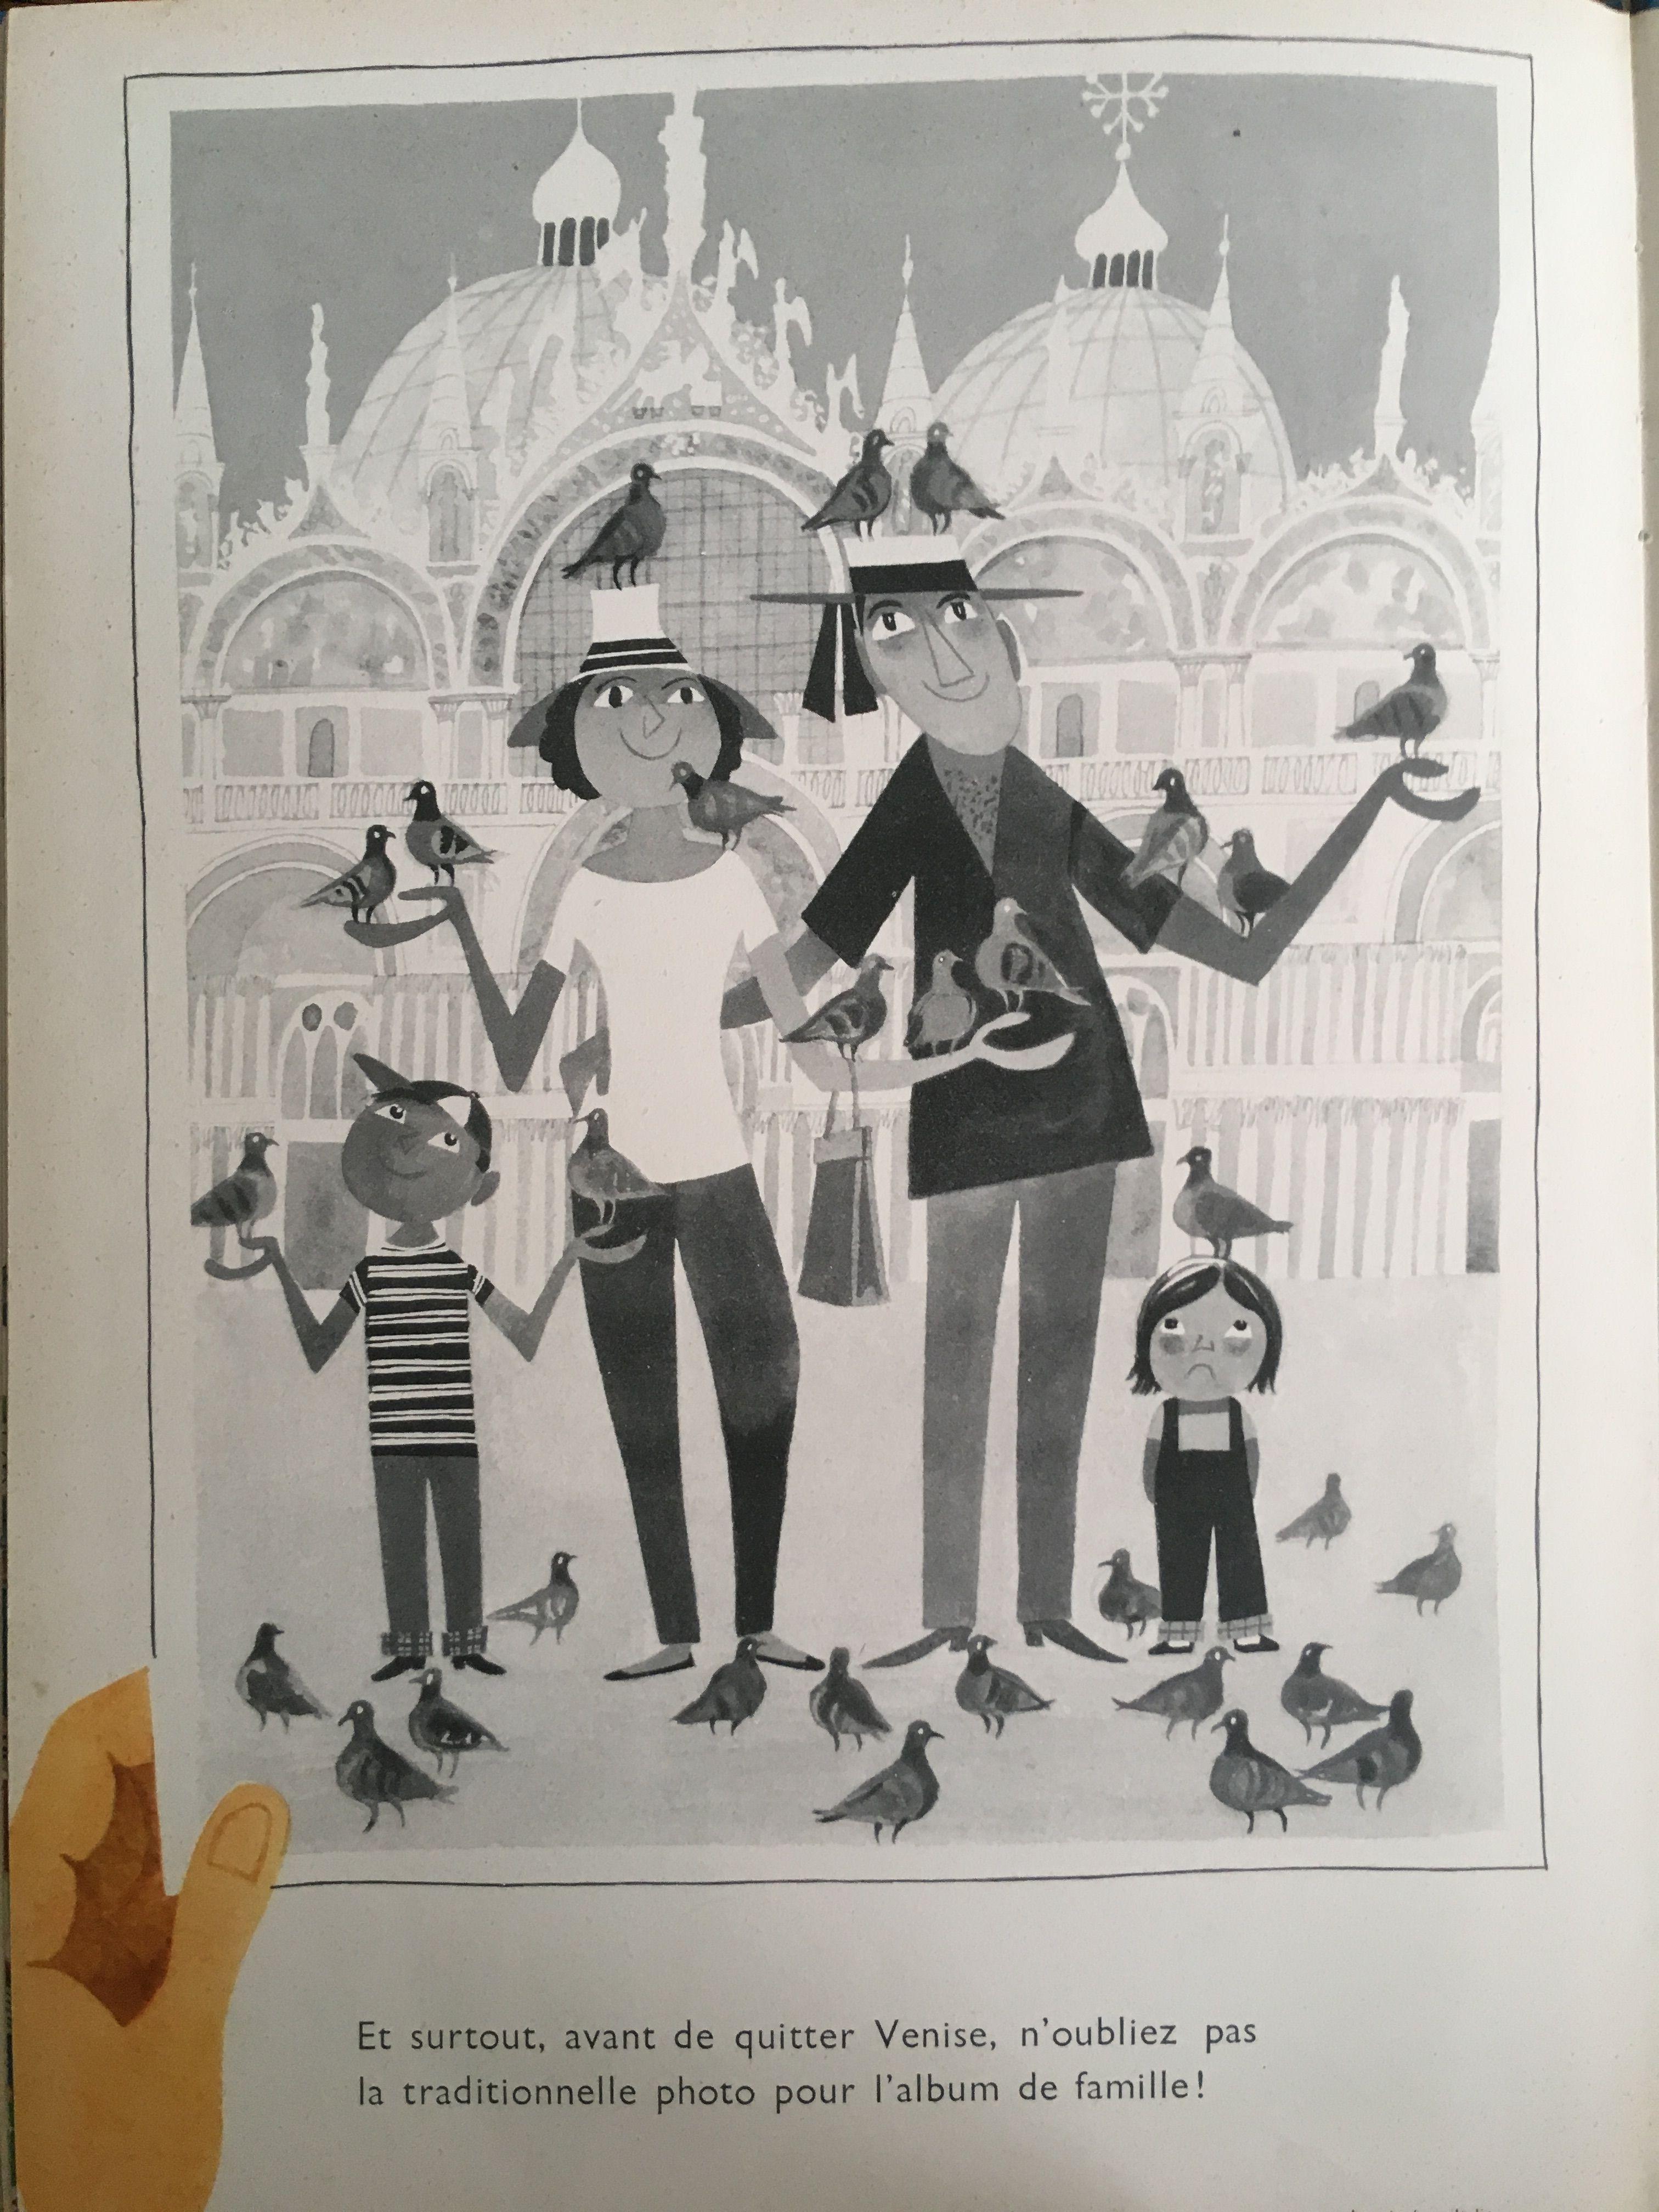 Venise By Miroslav Sasek In 1961 Illustrators Illustration Children S Books